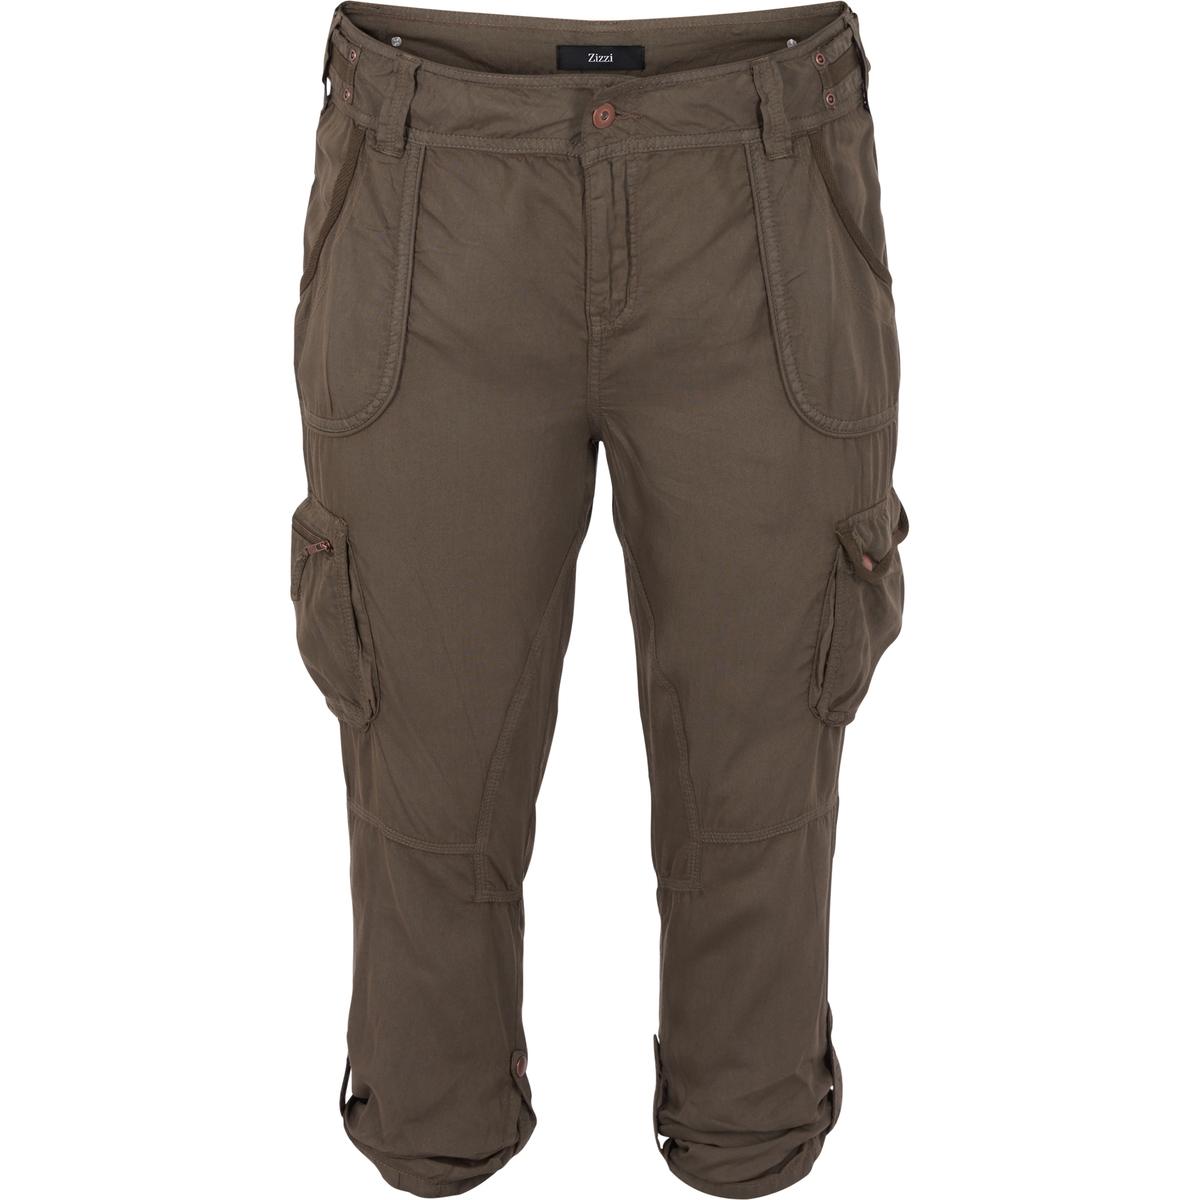 Брюки 3/4Брюки 3/4 ZIZZI. Брюки из 100% тенсела, комфортные и воздухопроницаемые. Много карманов, деталь в виде цепочки. Шлевки для ремня.Брюки 3/4 также можно опустить, отличные брюки для весны и лета.<br><br>Цвет: хаки<br>Размер: 46 (FR) - 52 (RUS)